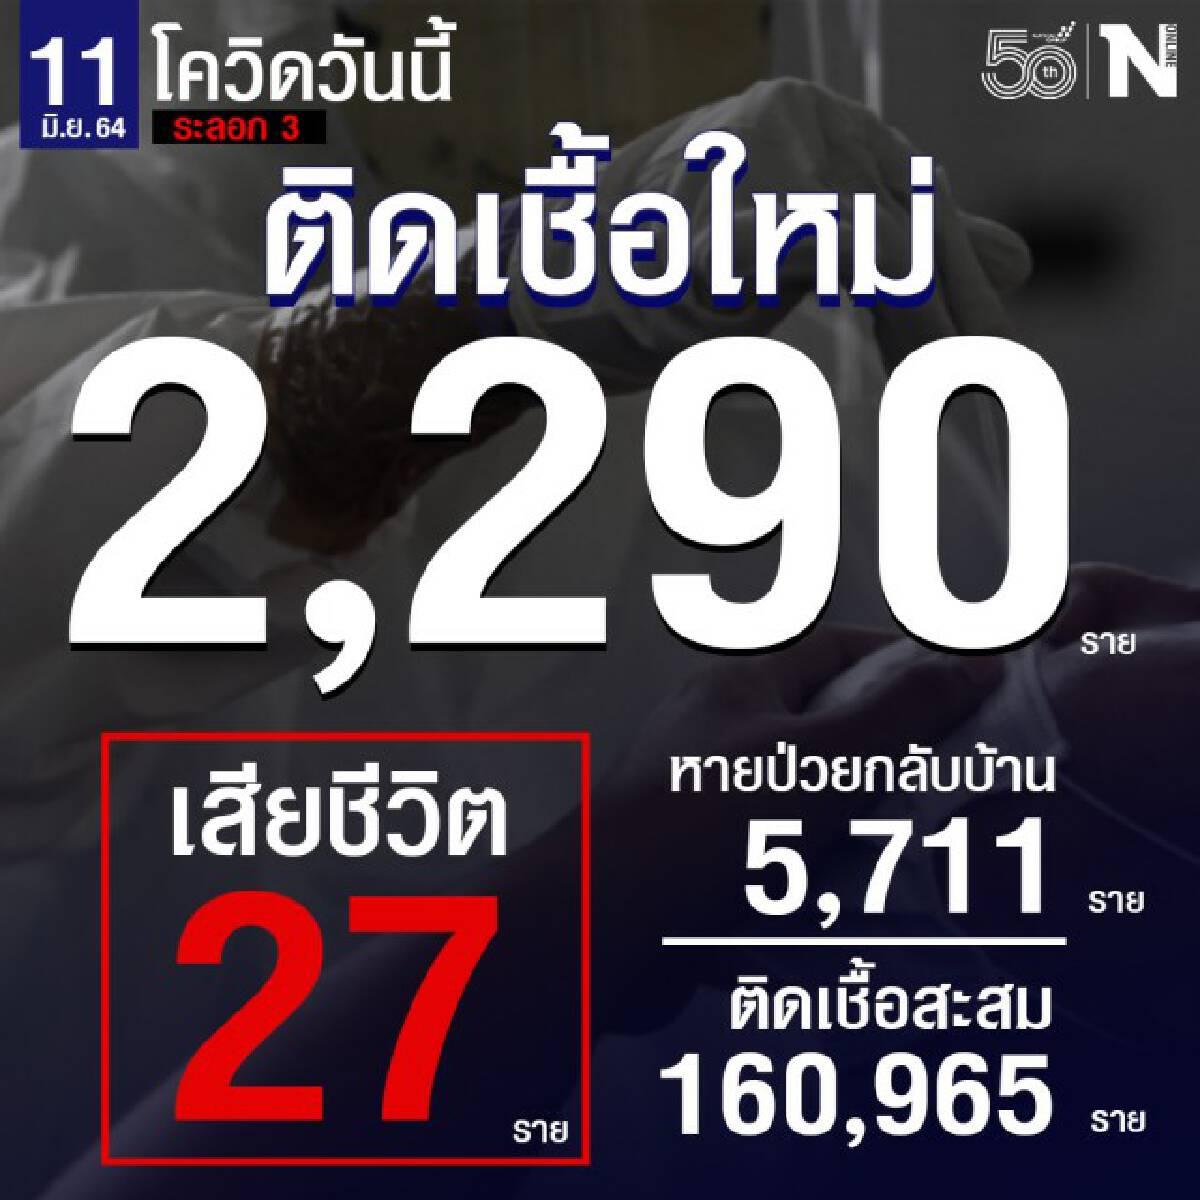 ศบค. เผย ผู้ติดเชื้อวันนี้รวม 2,290 ราย  ยอดเสียชีวิต 27 ราย หายป่วยกลับบ้าน 5,711 ราย